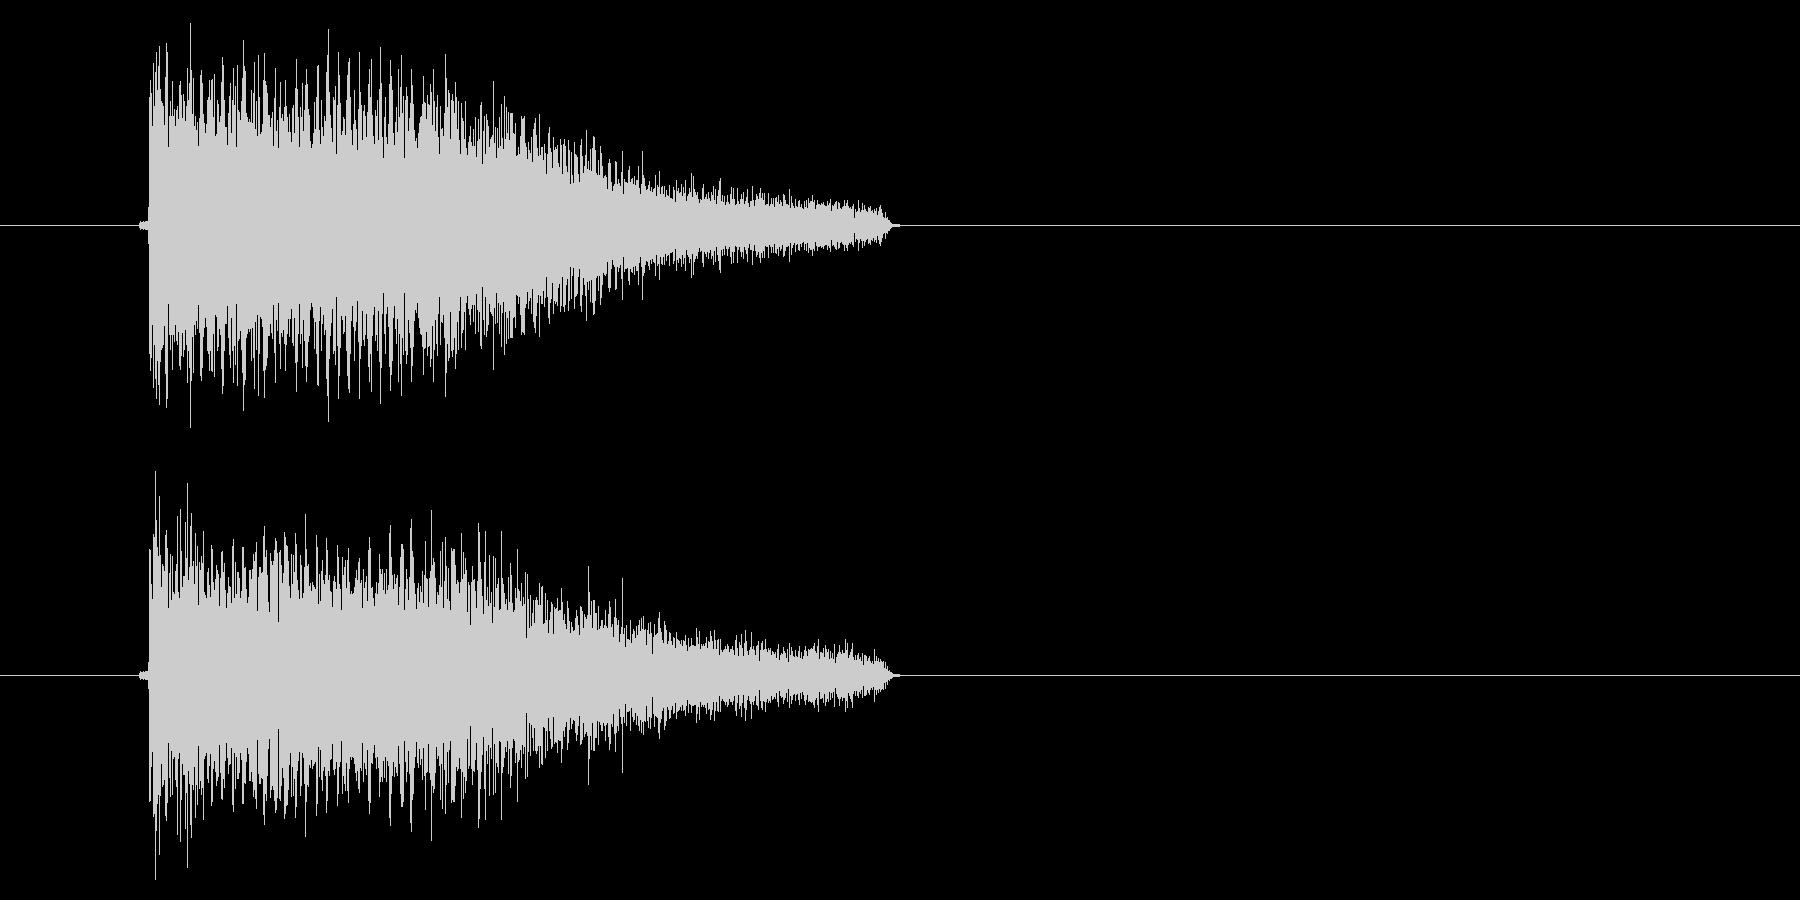 ビービュン(ゲームなどのビーム発射音)の未再生の波形